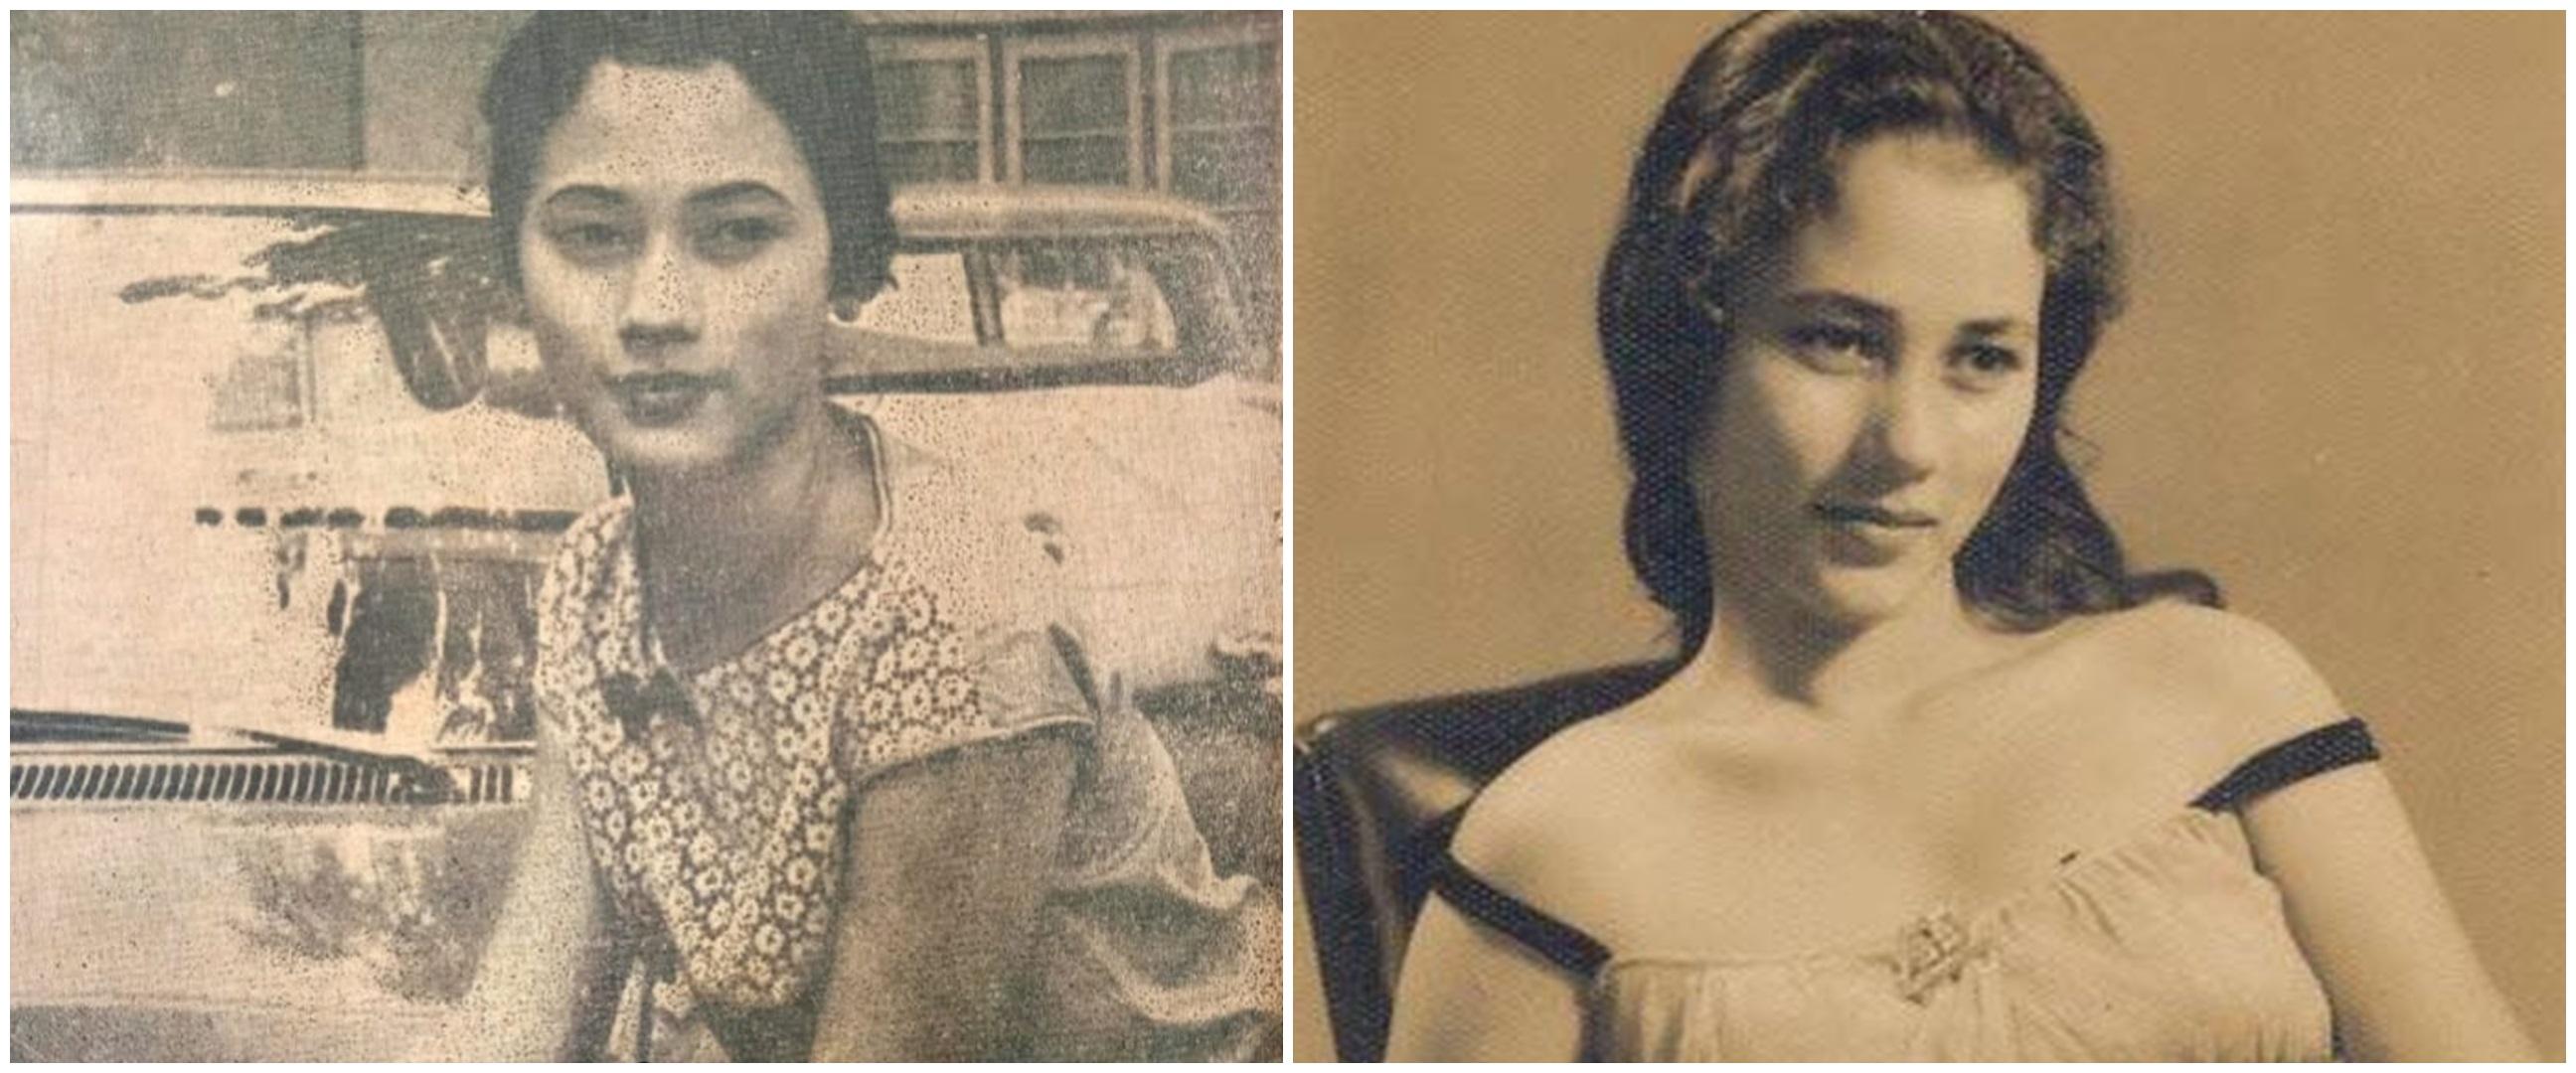 10 Potret Suzzanna semasa remaja, paras cantiknya memesona